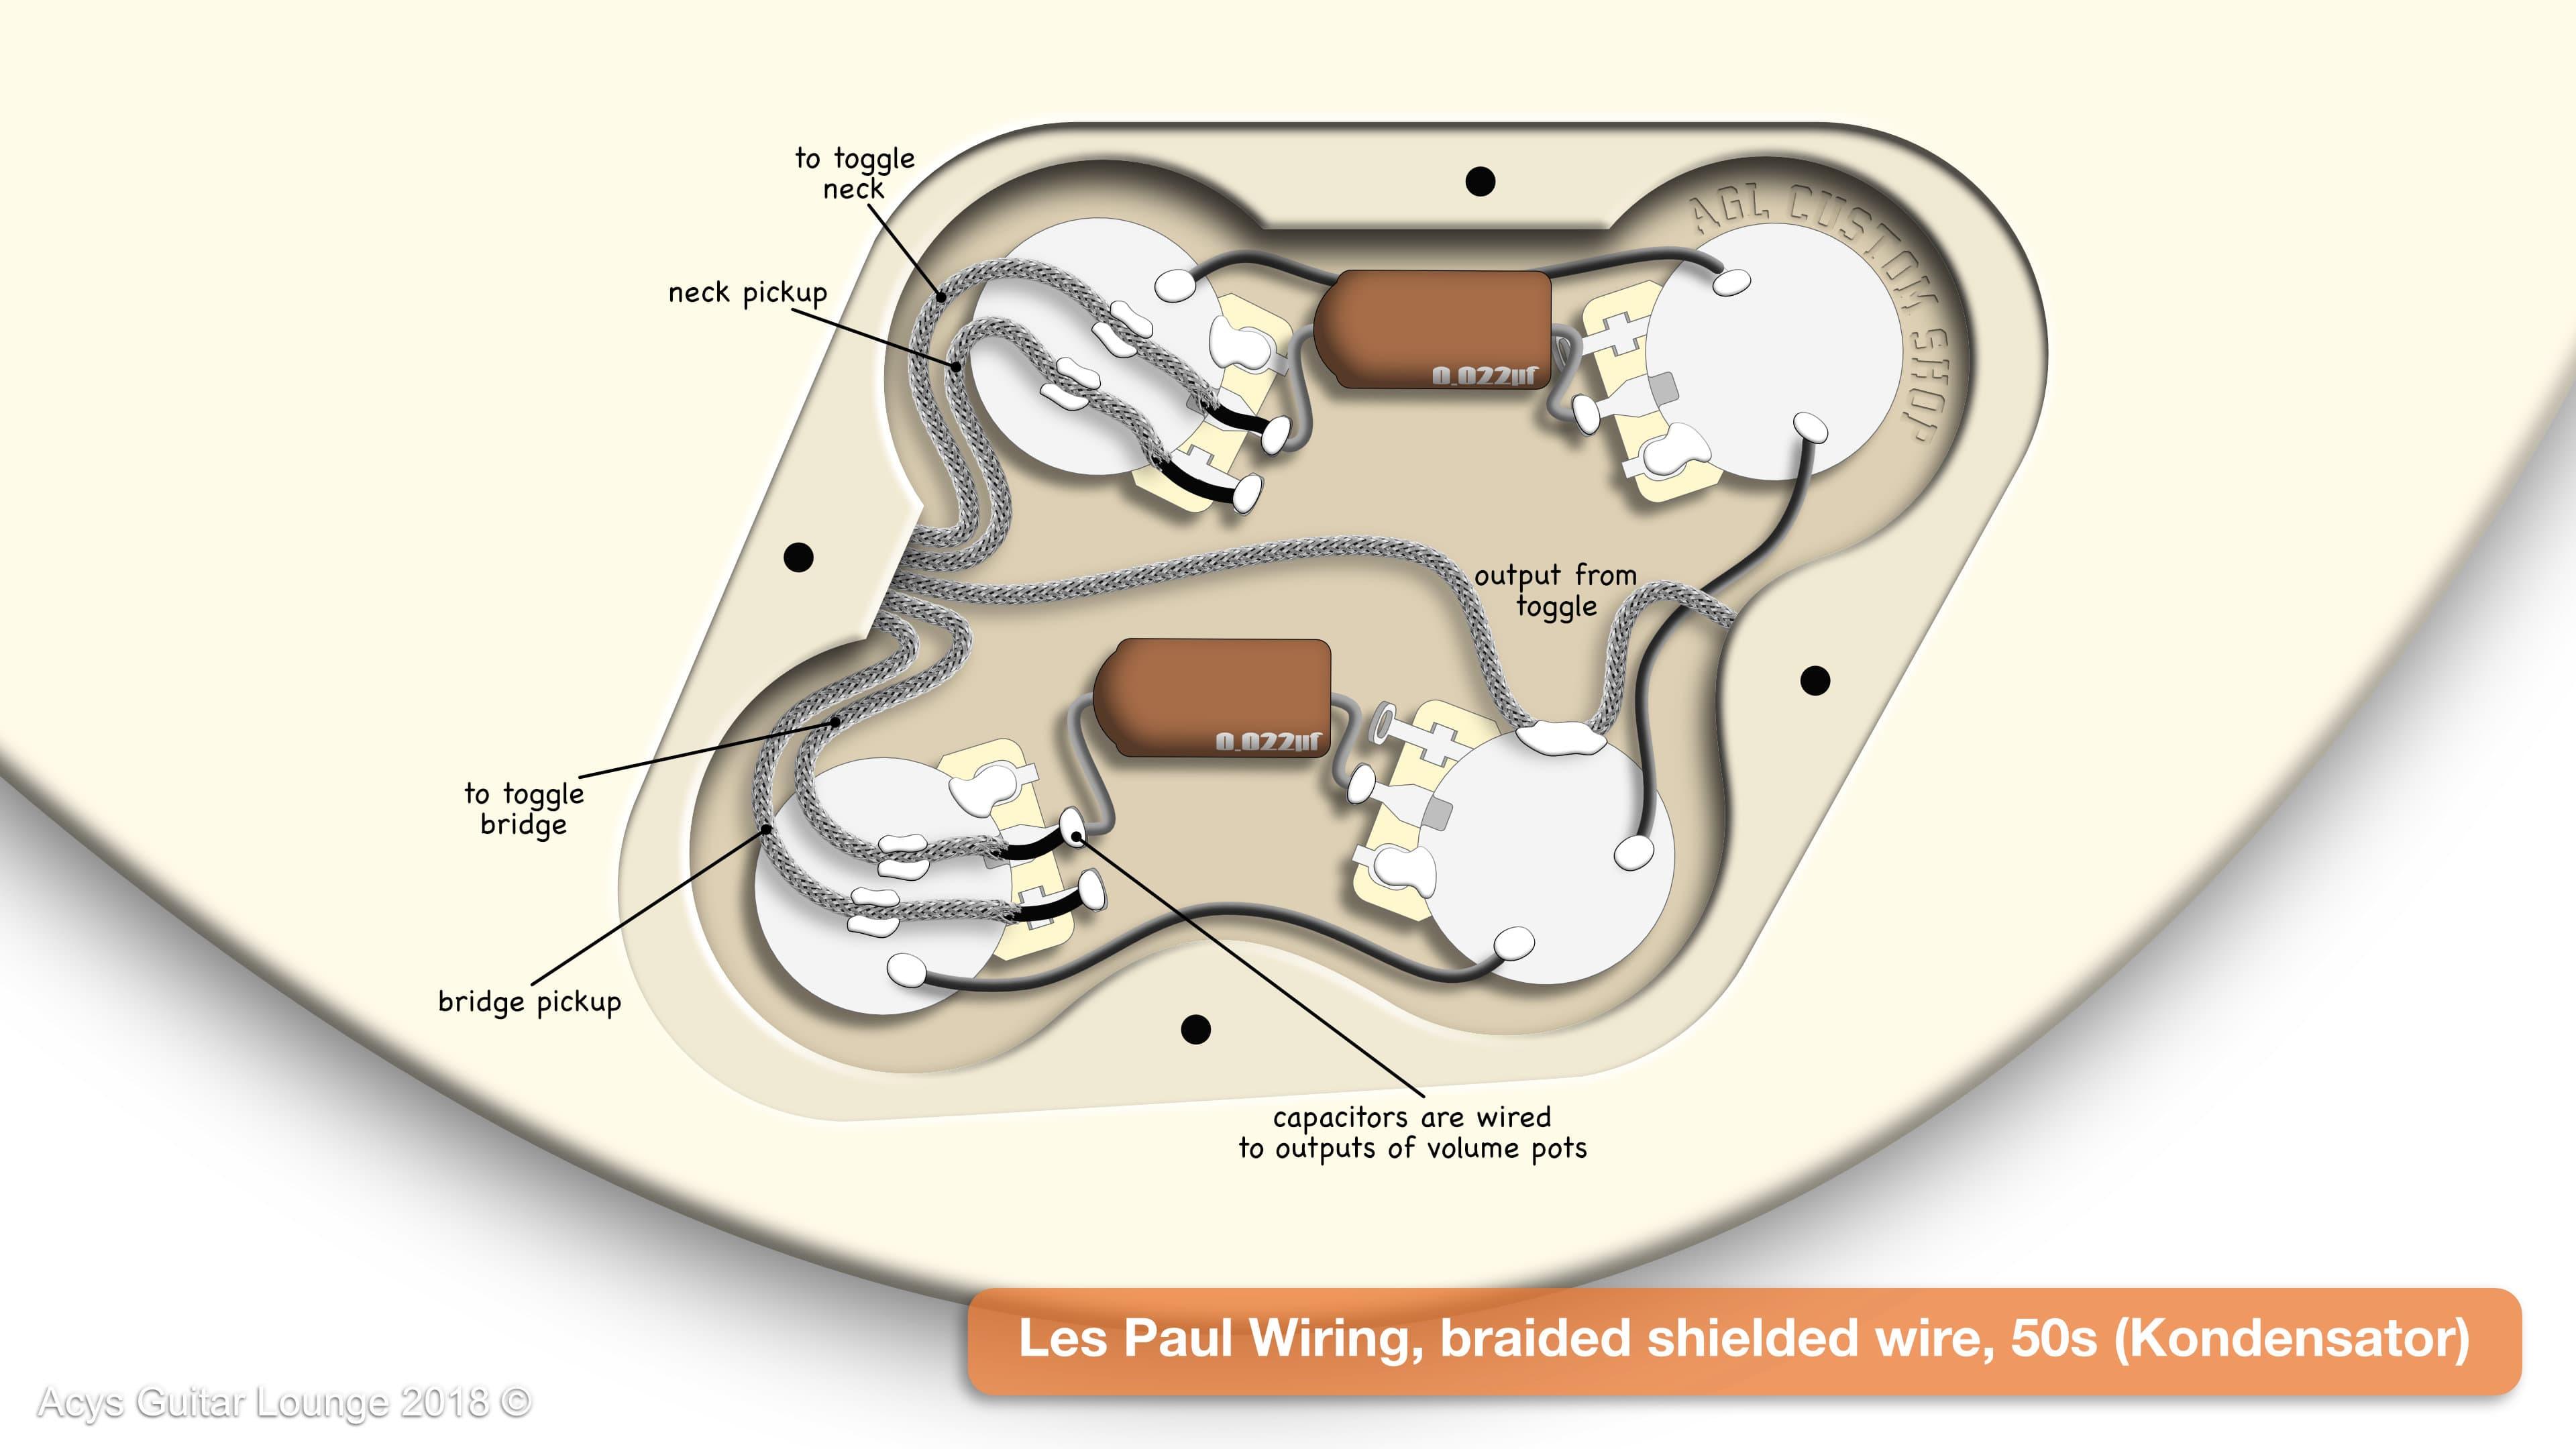 Lp Grafiken Acys Guitar Lounge Und Hussel Pickups Les Paul Wiring Diagram 50s Vs Modern As Well Gibson Klassisches Mit Dem Metallgeflecht Kabel Auch Braided Shielded Wire Genannt Die Caps Kondensatoren Sind Im Style Angeschlossen